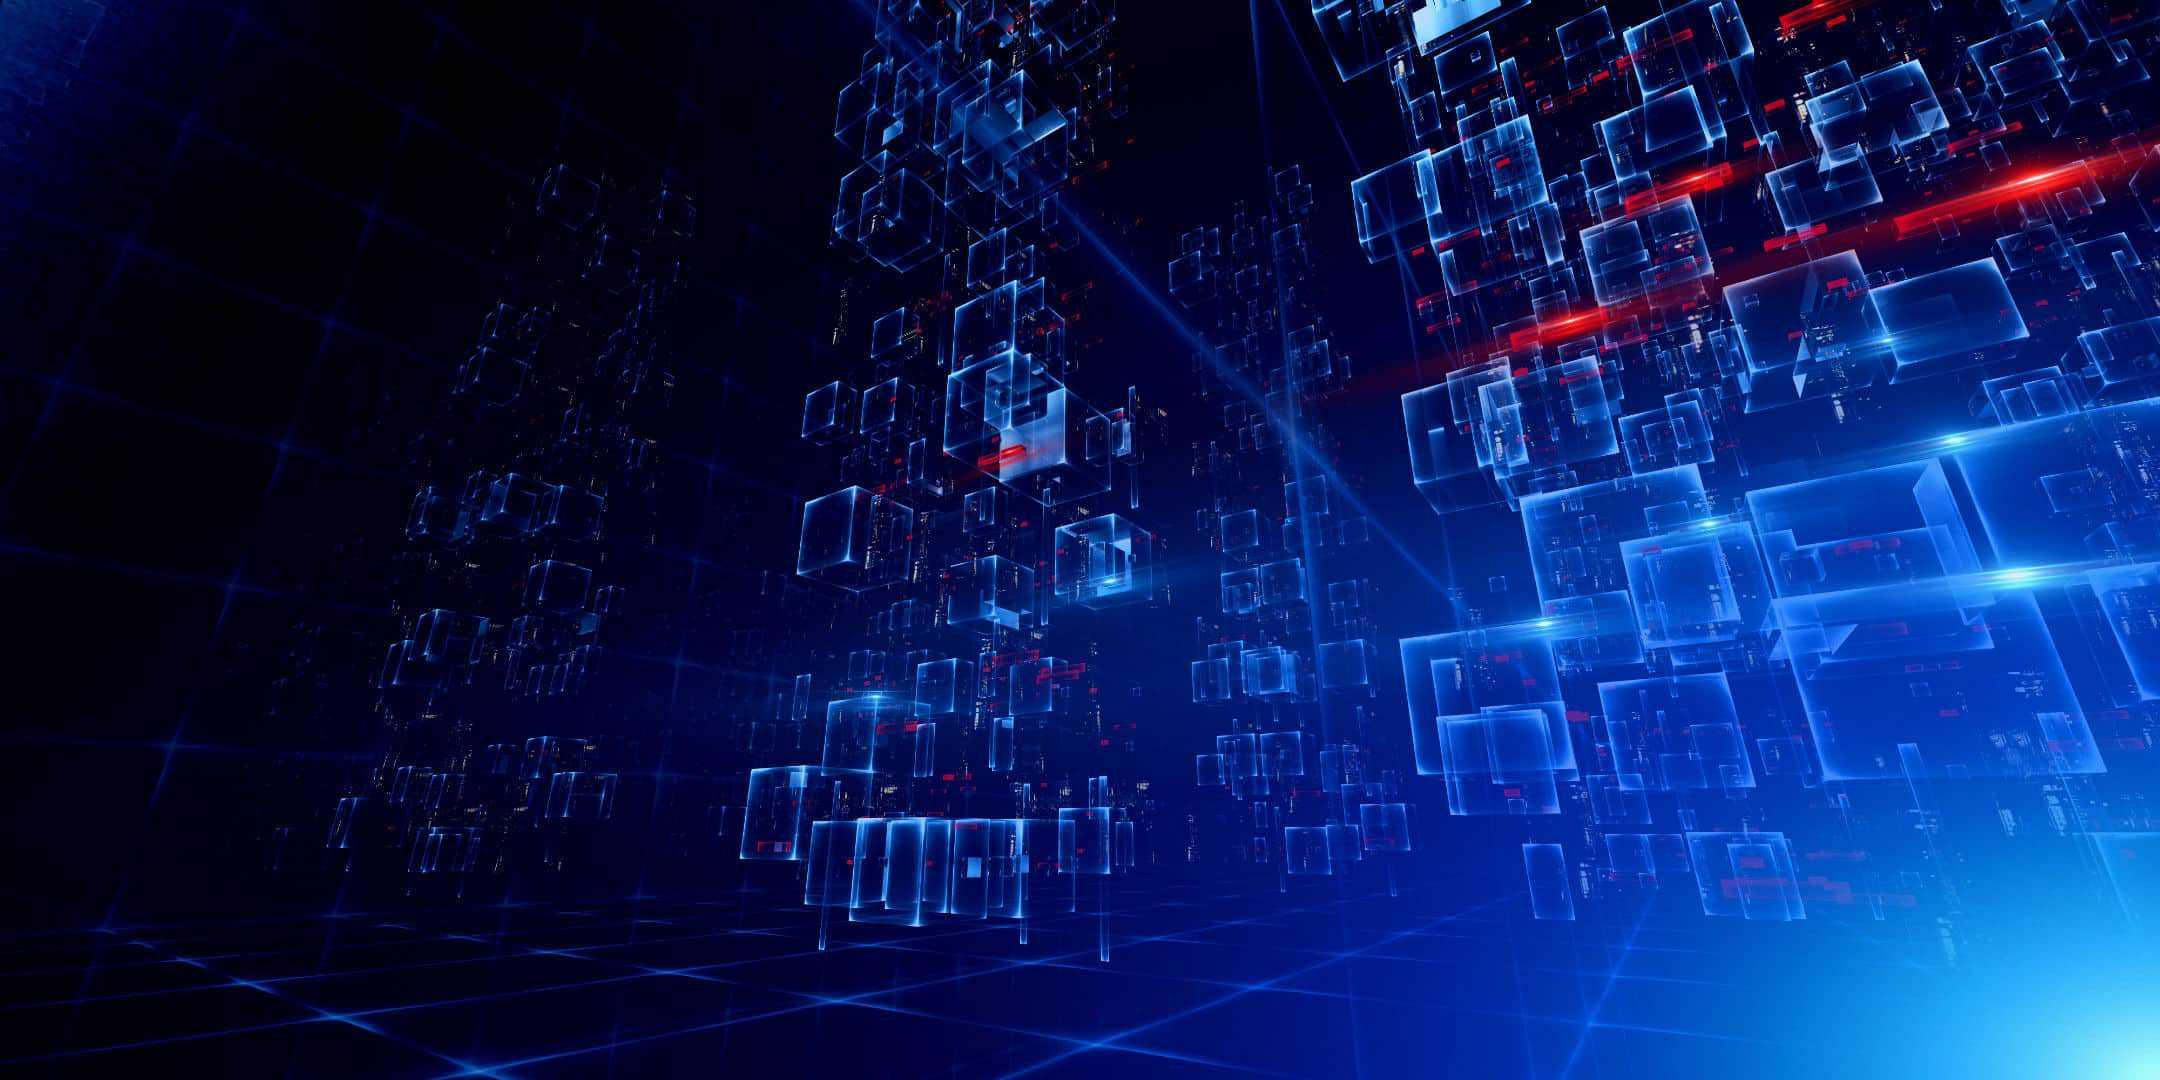 Virtual-Data-Center-594921086_8000x4000